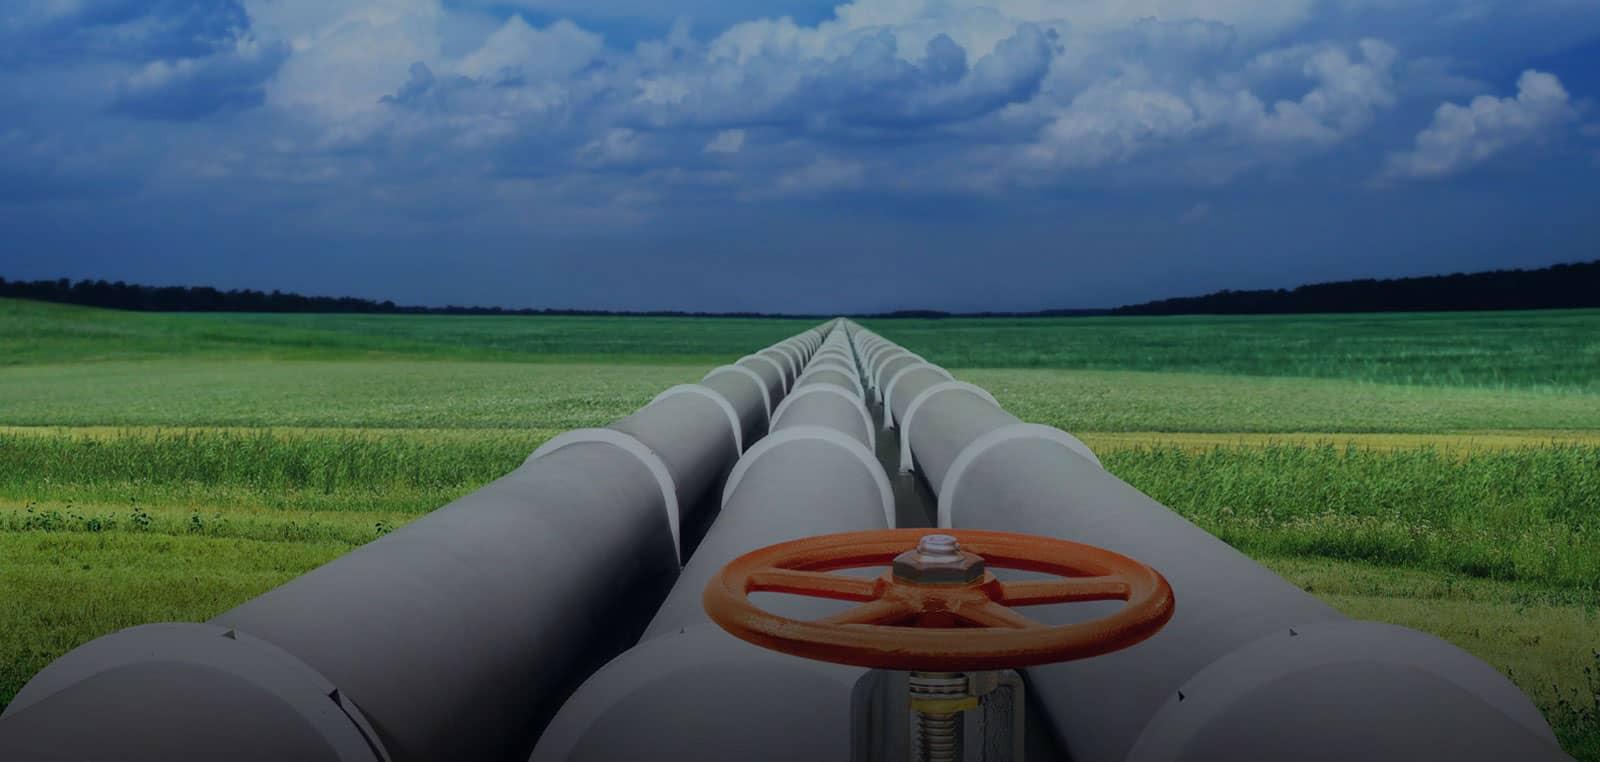 βιομηχανικές εγκαταστάσεις φυσικού αερίου